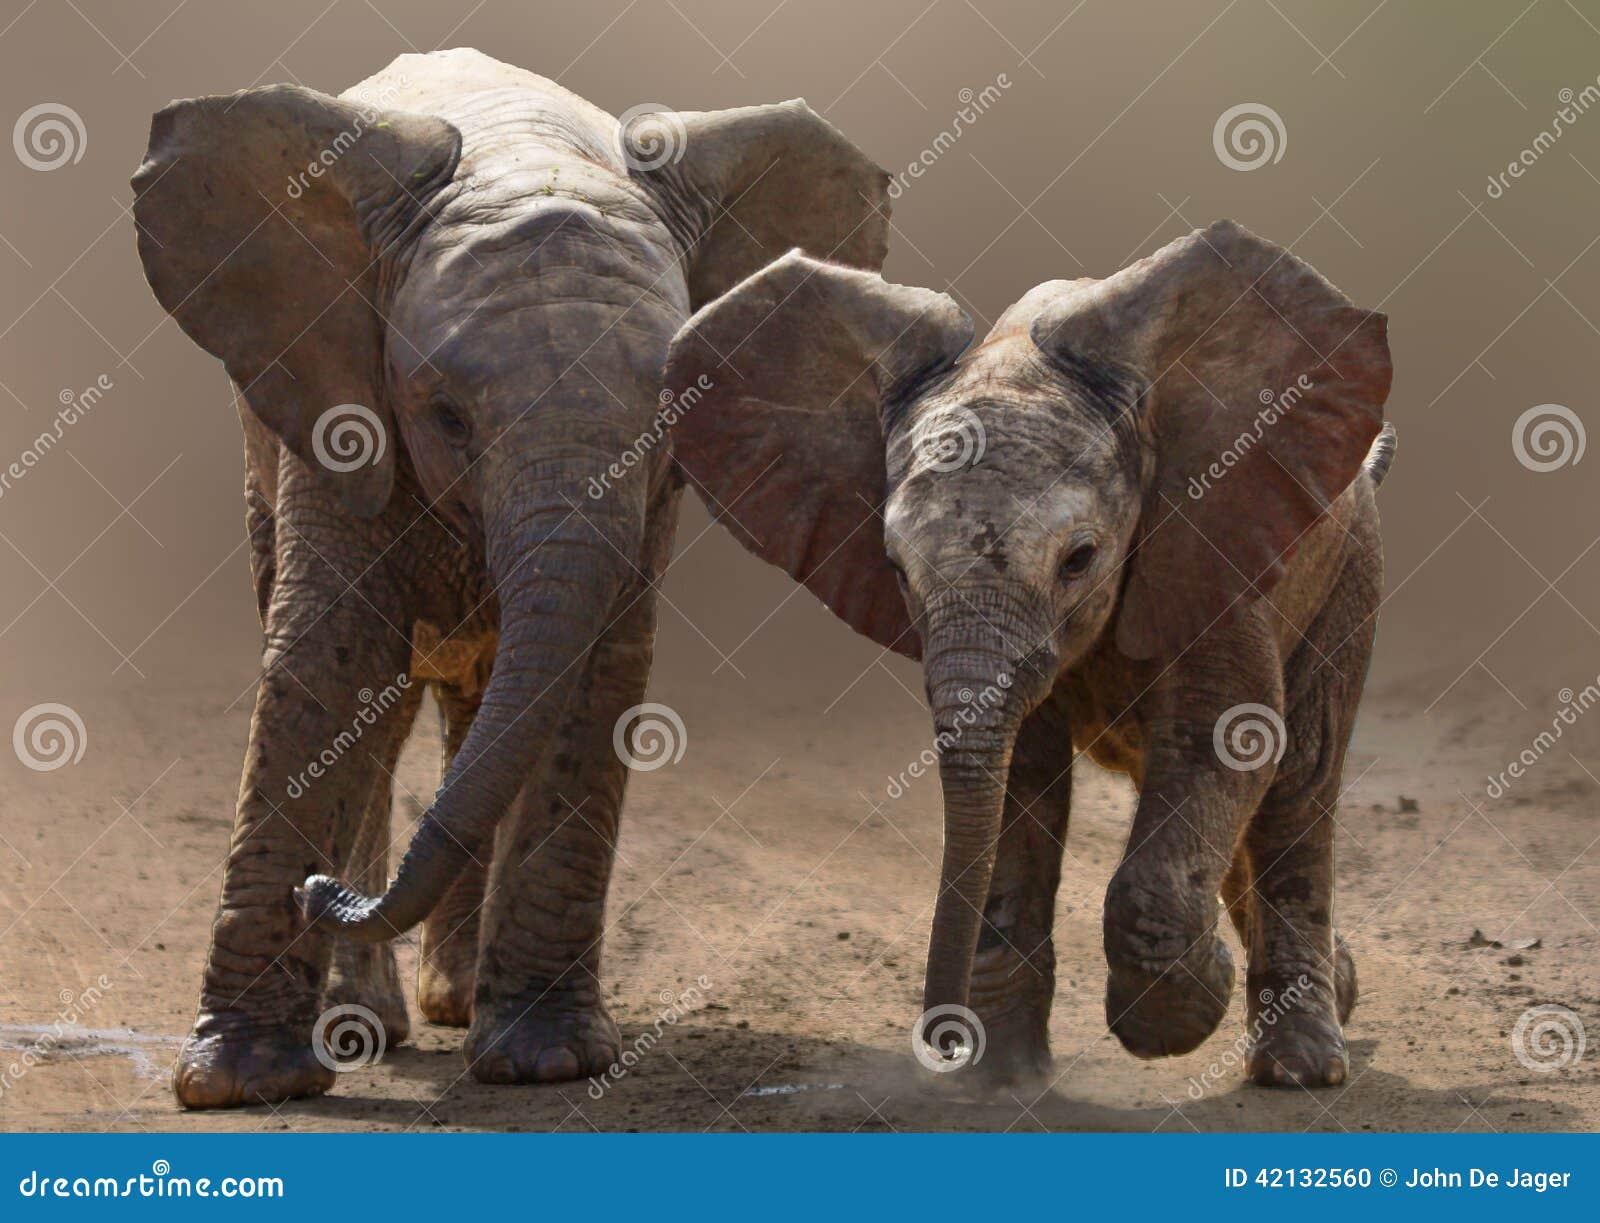 Baby elephants on road